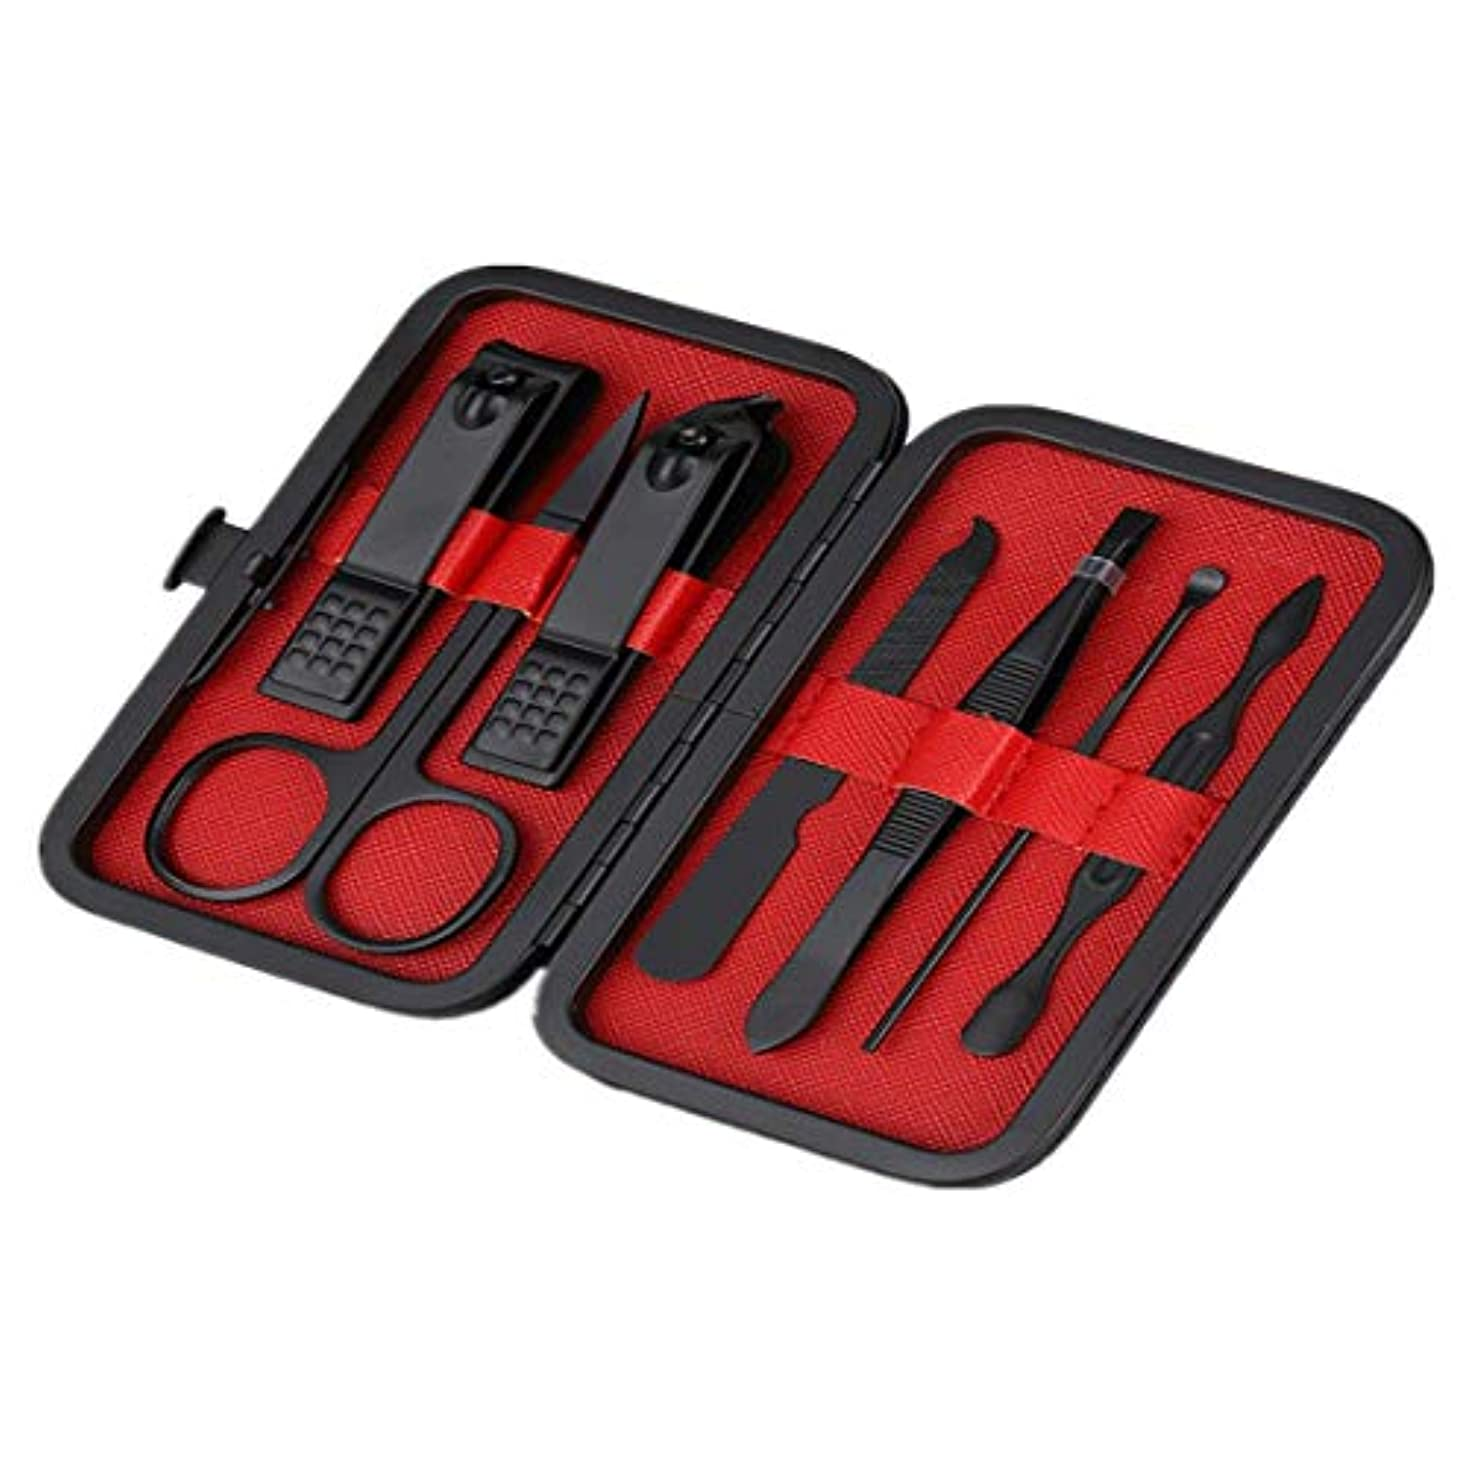 ホールド憎しみ脆いKerwinner ステンレス製の美容ツール、ネイルツール、ネイル、足の爪、アイブロウキット、9/12個、1パックあたり1個 (Color : ZB015)